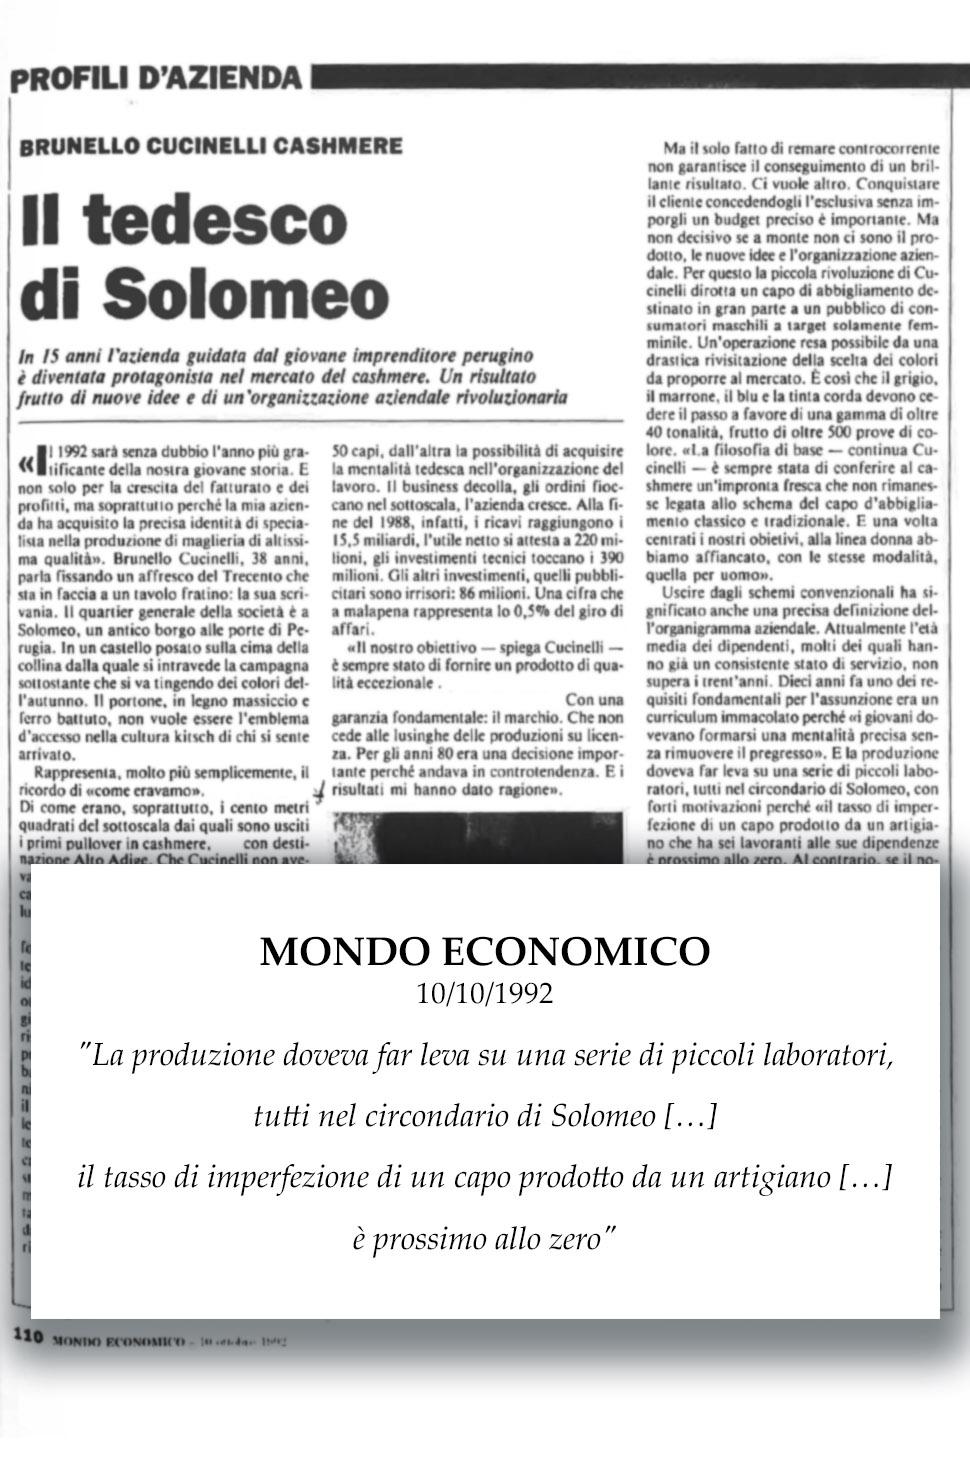 1992 Mondo Economico